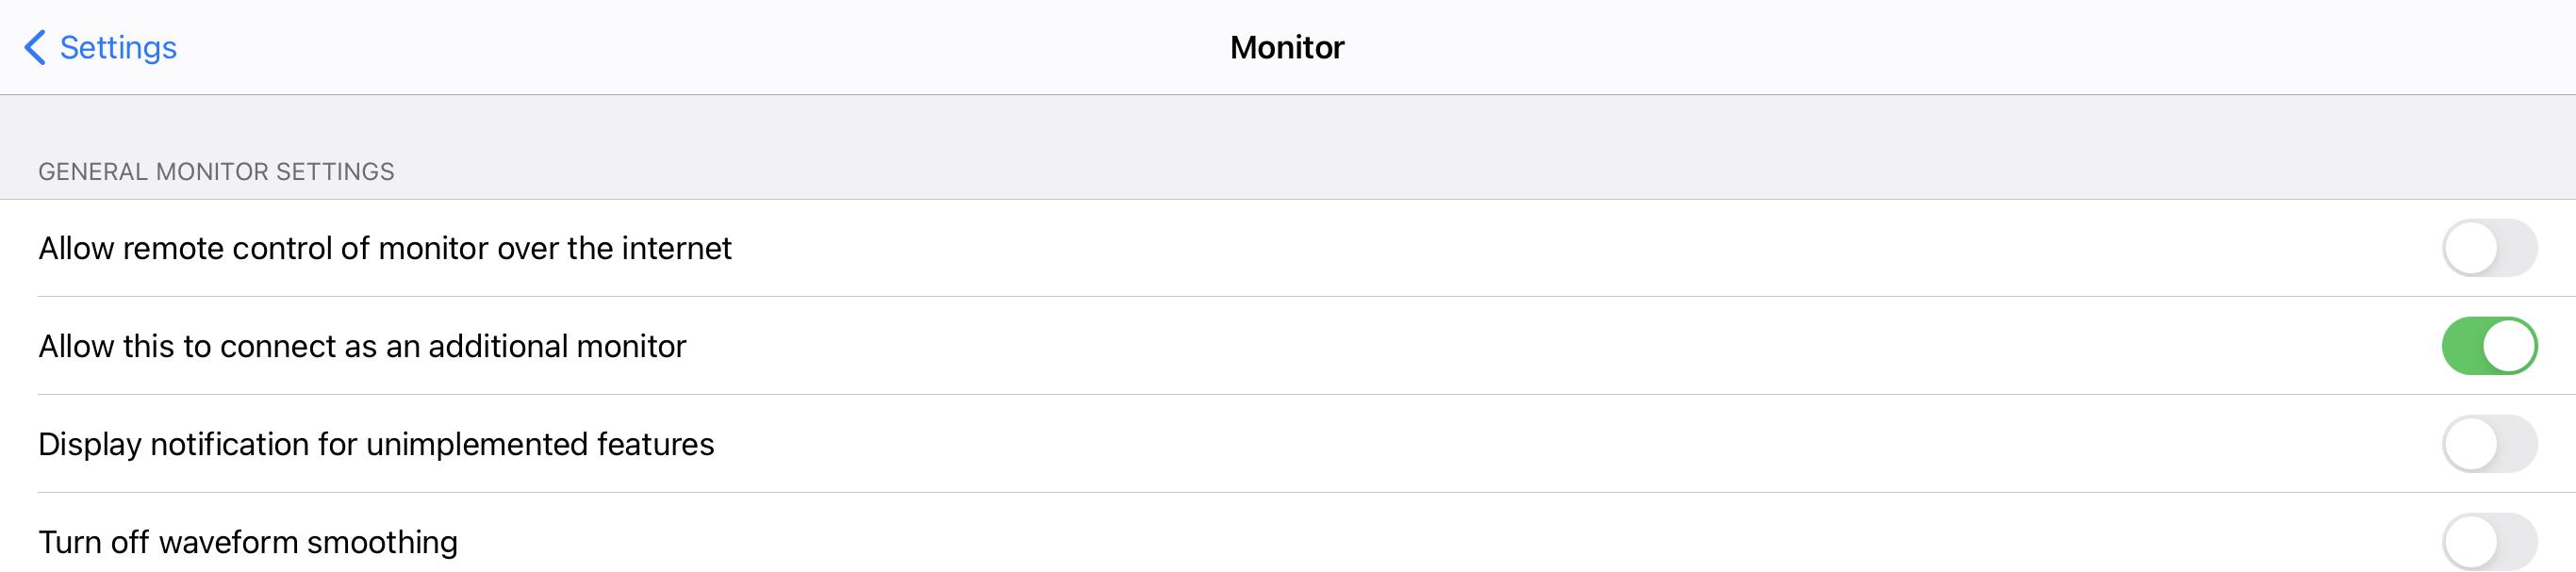 Additional_Monitor_Settings_10.3.jpeg